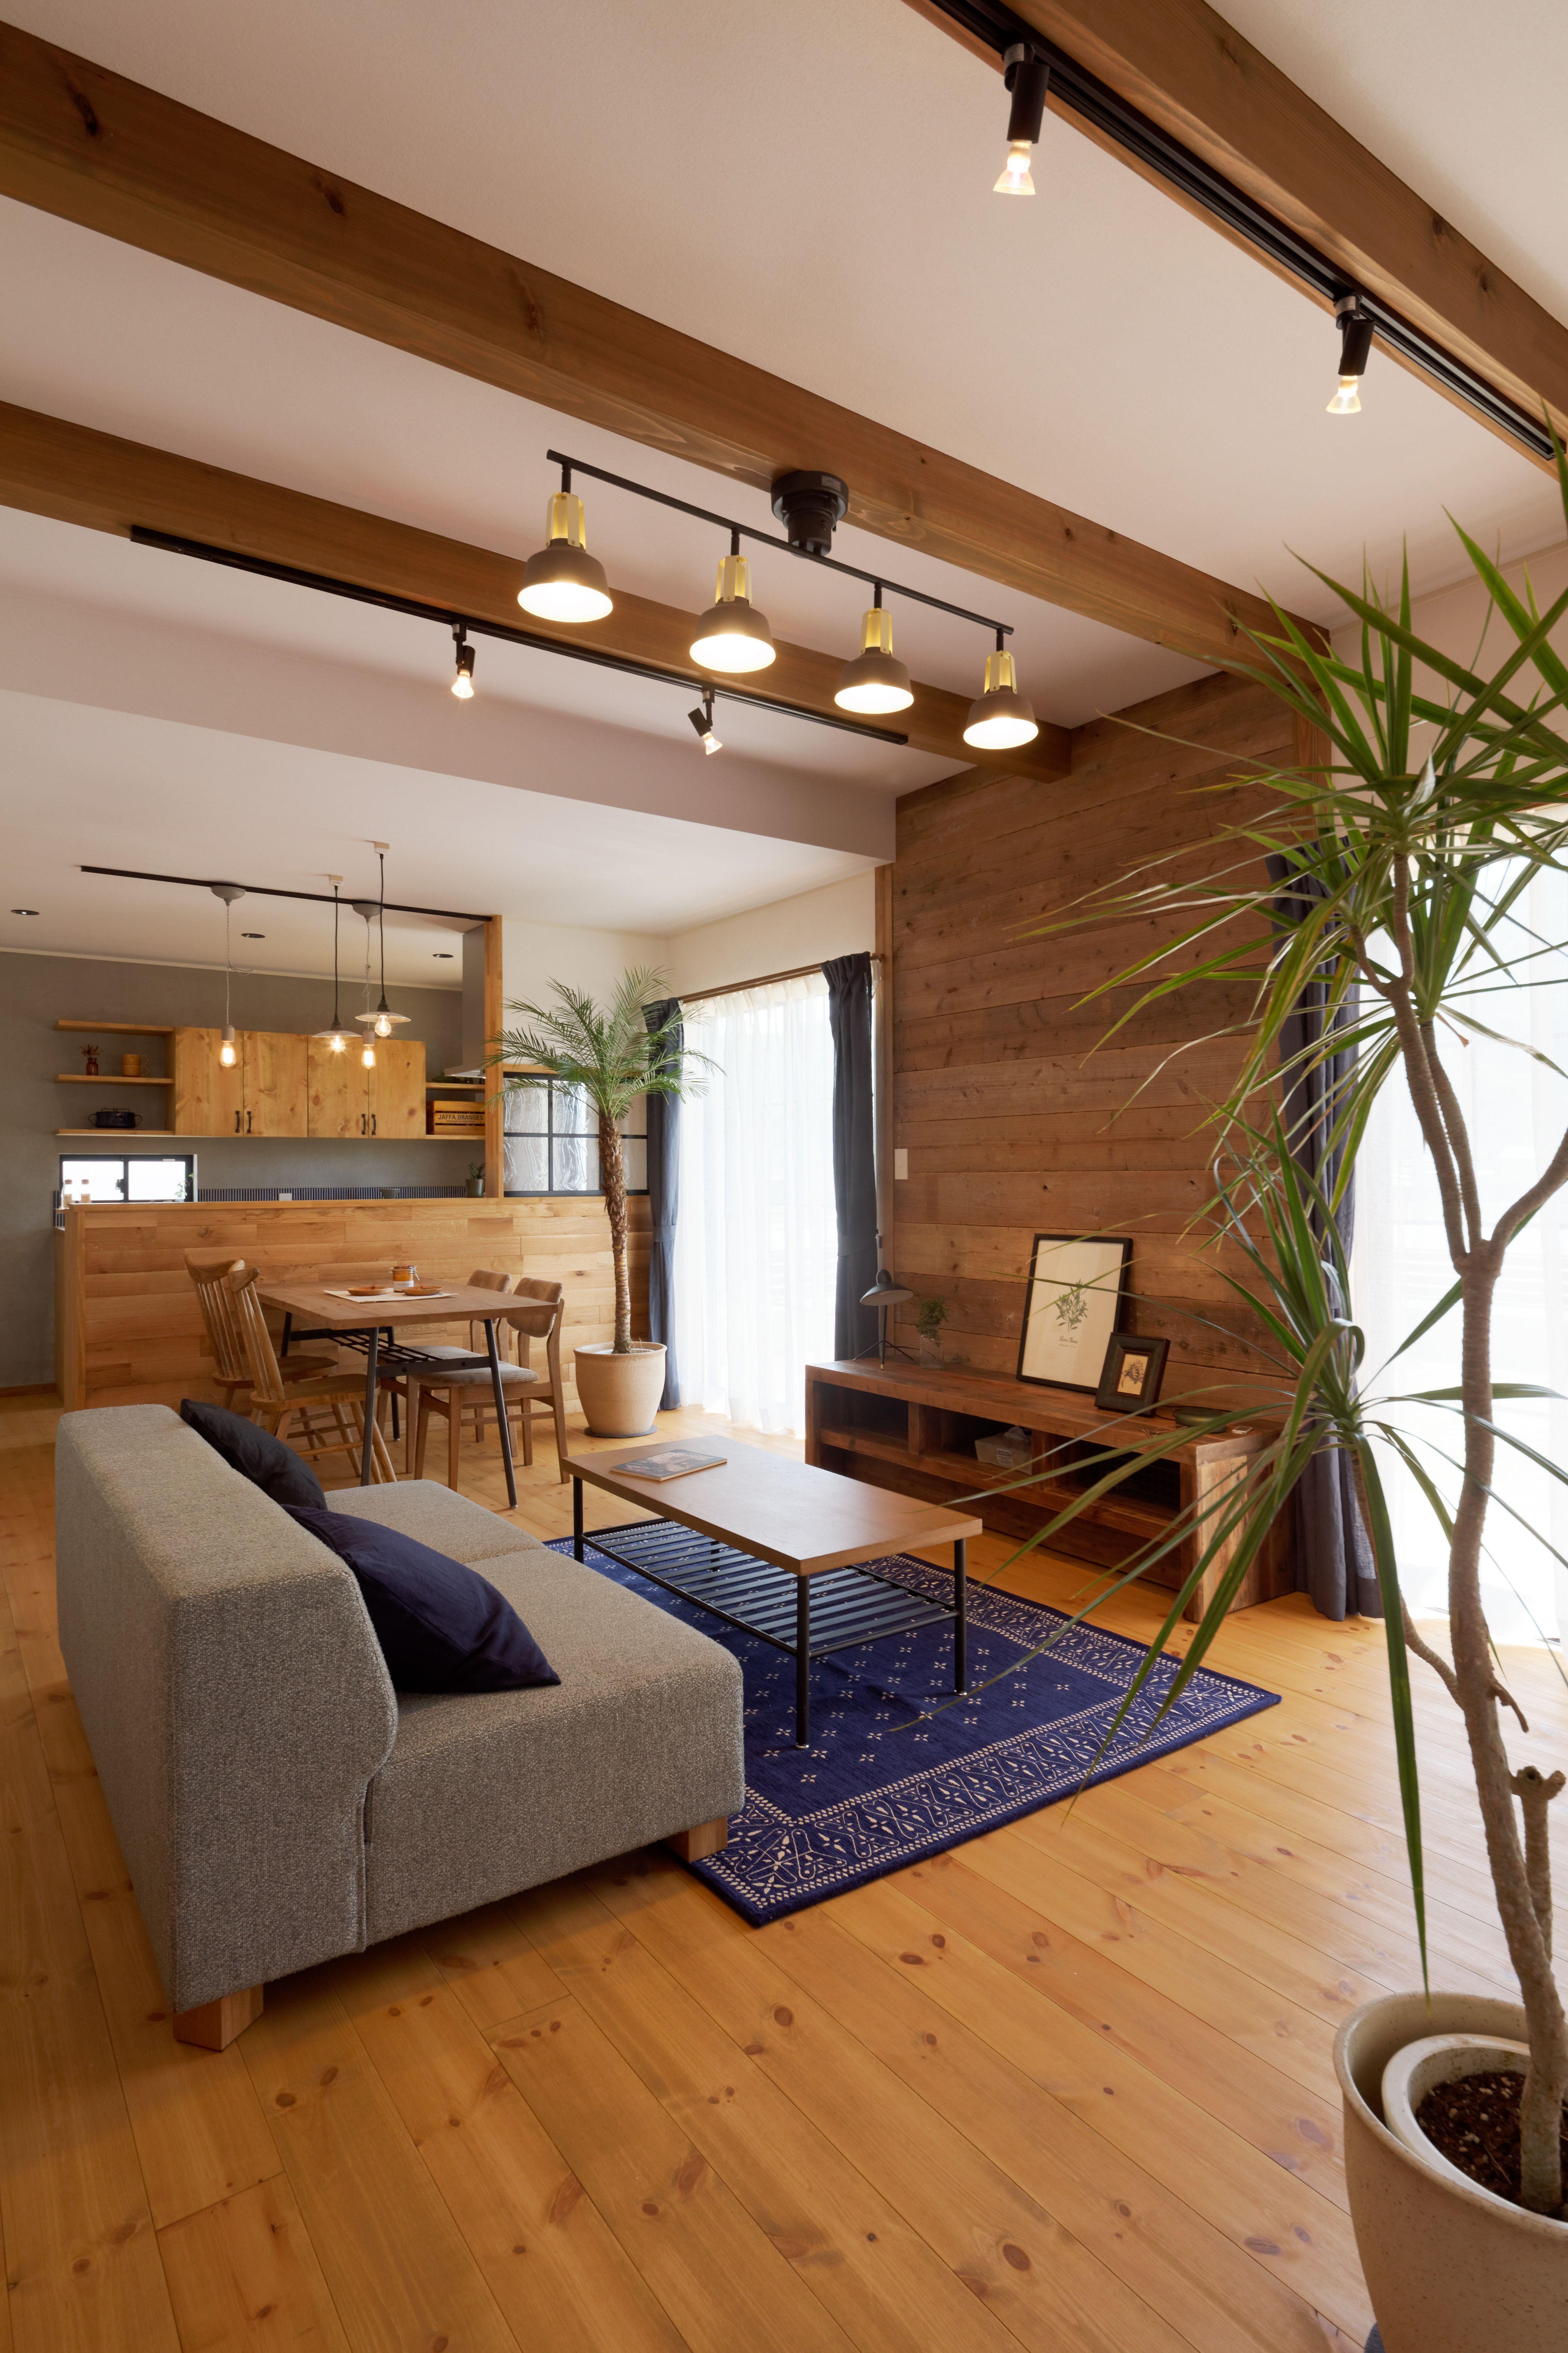 デザイナーズカフェのようなジャンクスタイルの家 ゼストの写真集 倉敷